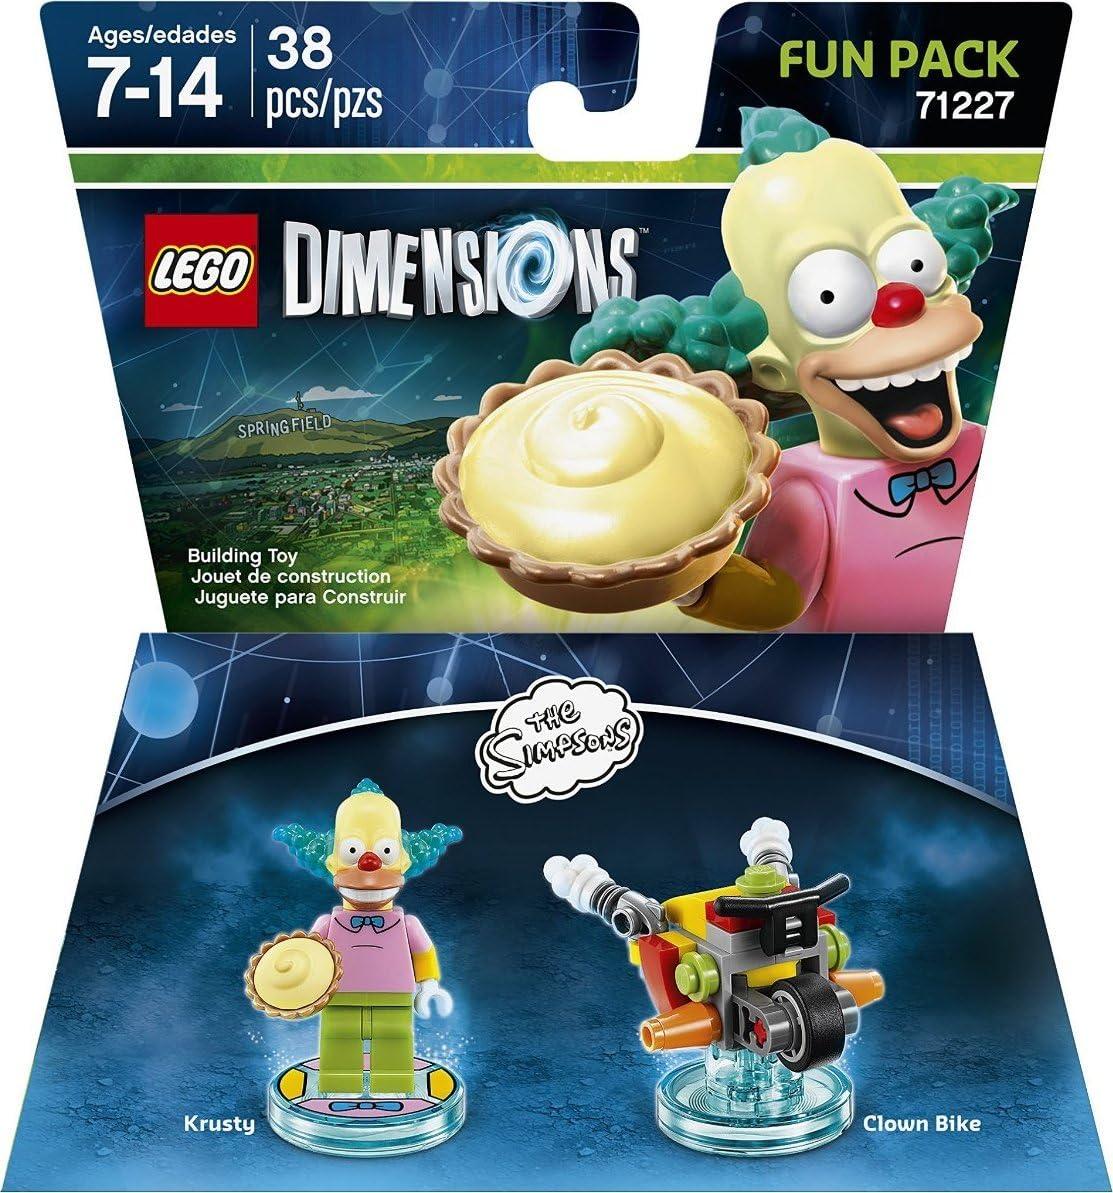 LEGO Dimensions, Simpsons Krusty Fun Pack by Warner Home Video - Games:  Amazon.es: Juguetes y juegos